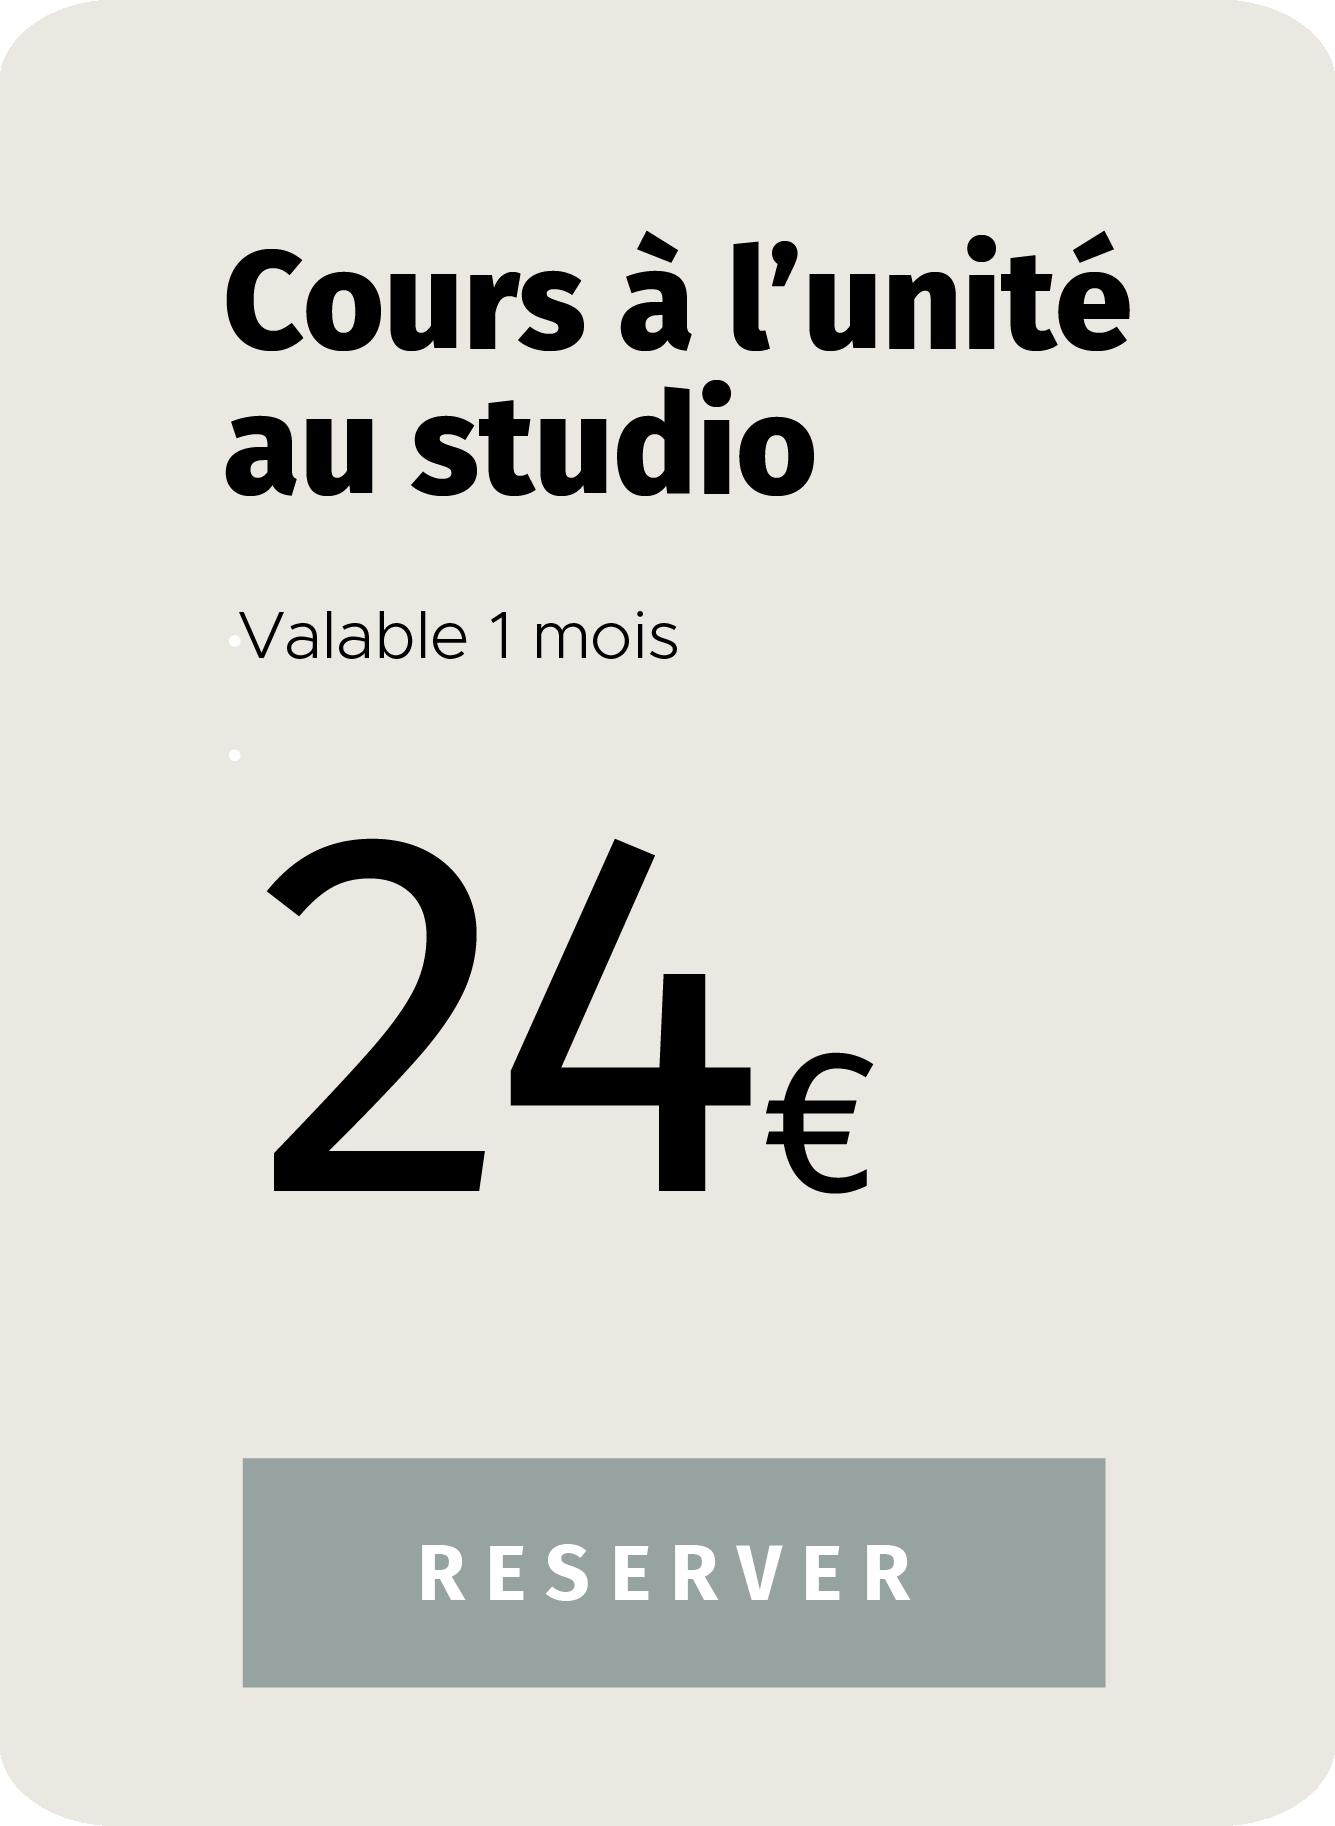 bloc-cours-unite-yoga-paris-studio-3